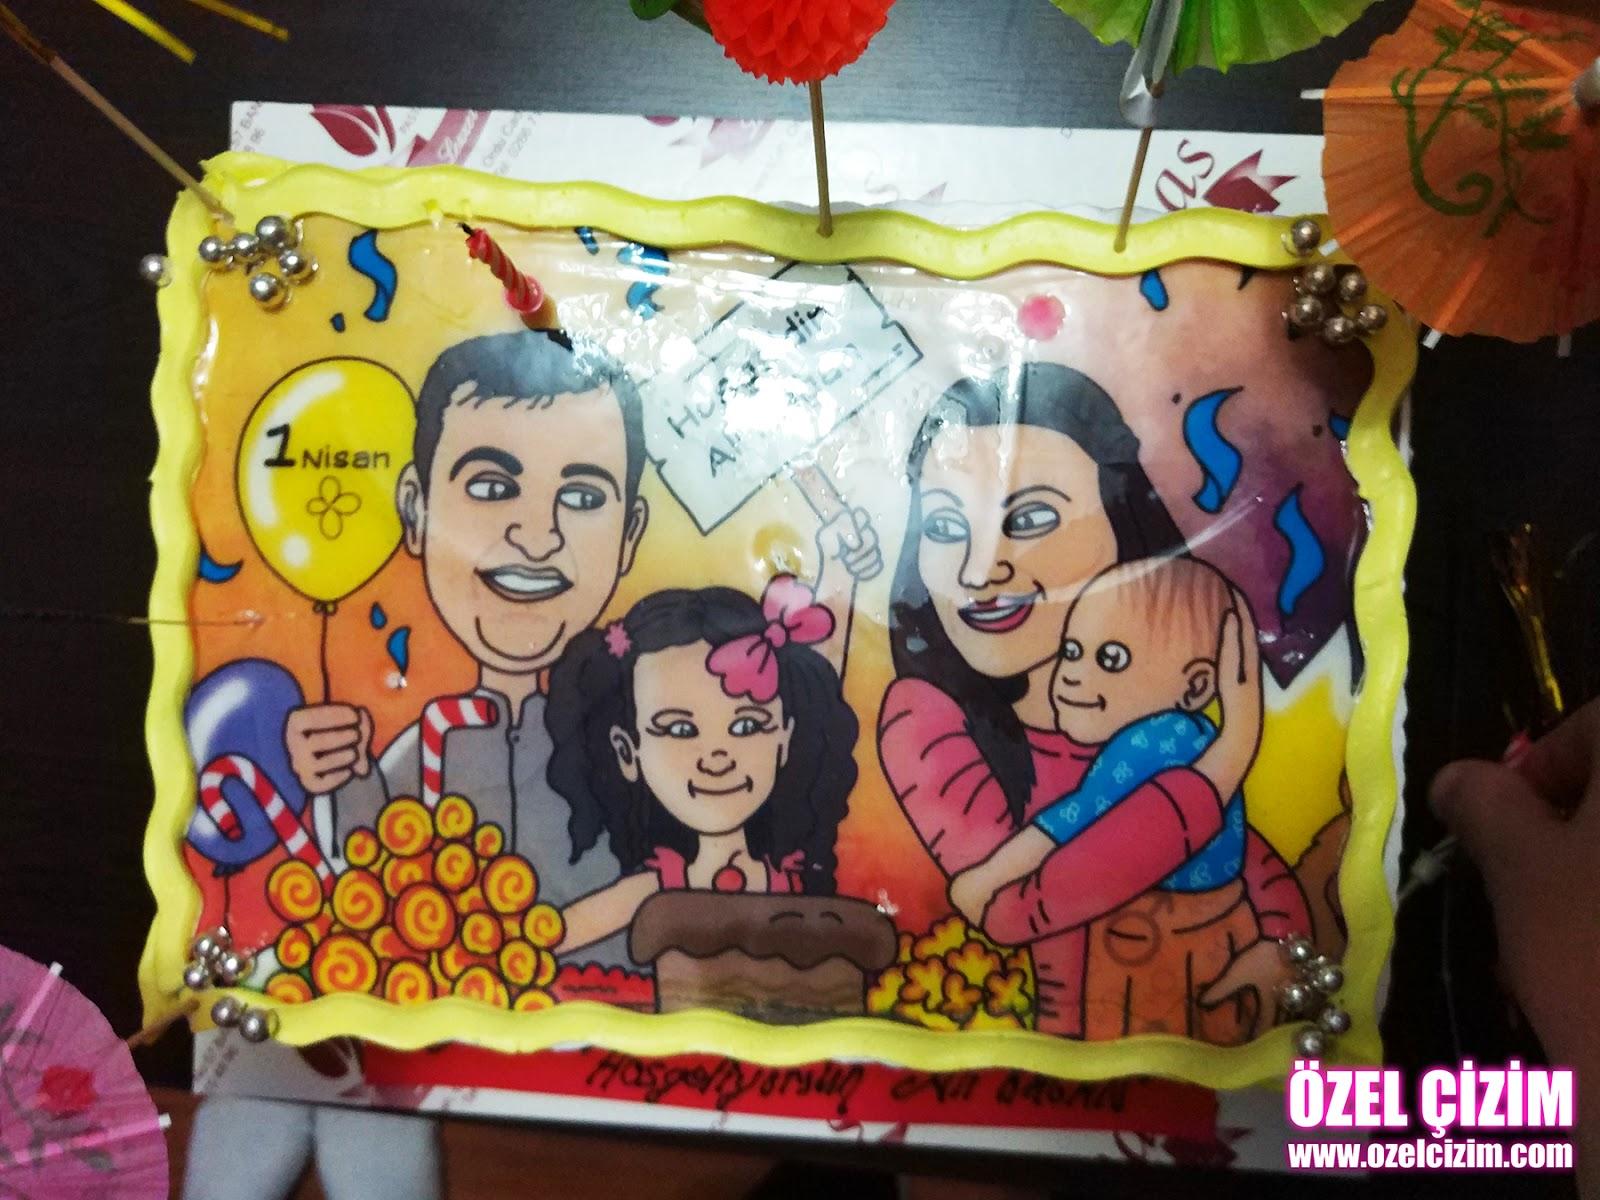 aile karikatürü, Doğum günü hediyesi, eşinize hediye, Hamilelik hediyesi, Hediye Karikatür, Karikatür Çizimleri, karikatür portre, komik doğum günü hediyesi, komik hediye, Özel Çizim, kariaktürlü pasta, pasta baskı, karikatürlü pasta baskısı, pasta çizim, doğum günü pastası, karikatürlü doğum günü pastası